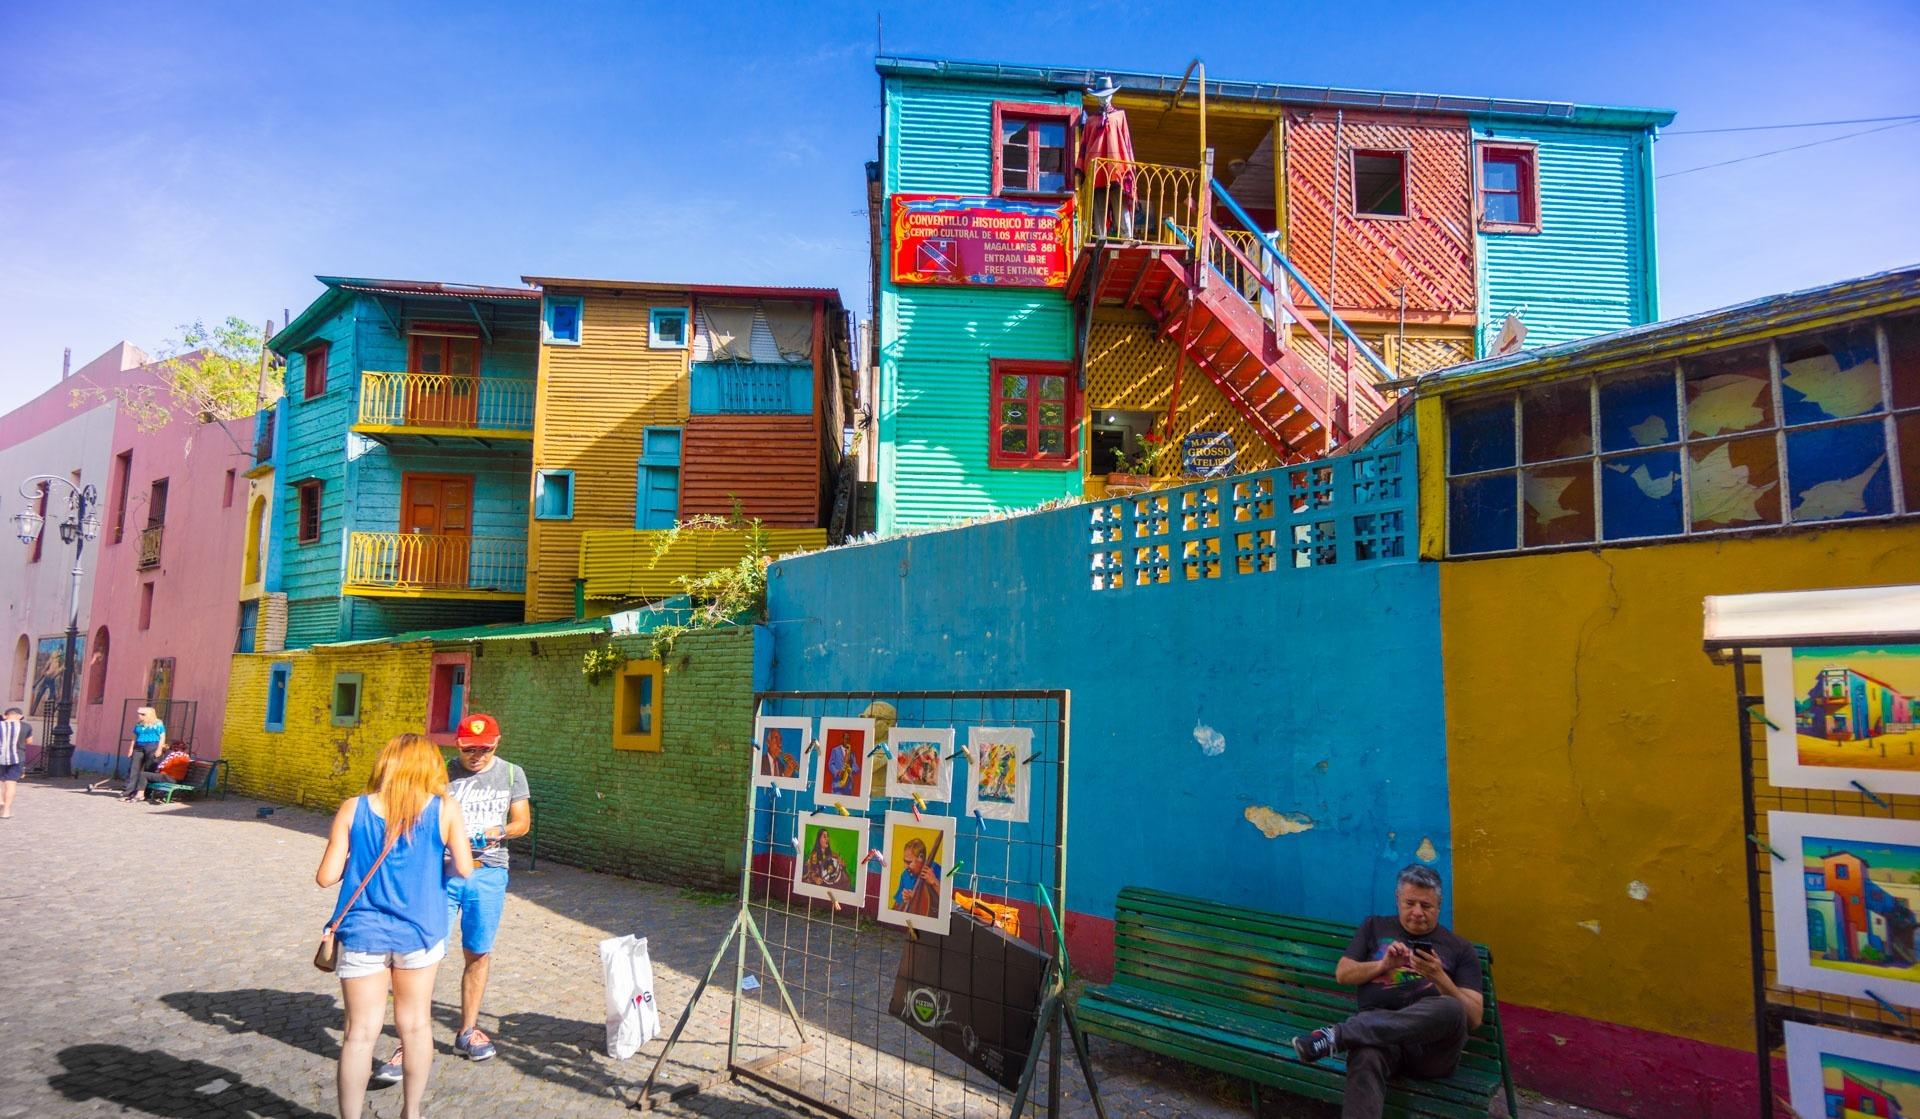 Die Millionenmetropole Buenos Aires ist definitiv eine der Top Sehenswürdigkeiten Argentiniens! Quelle: Viventura